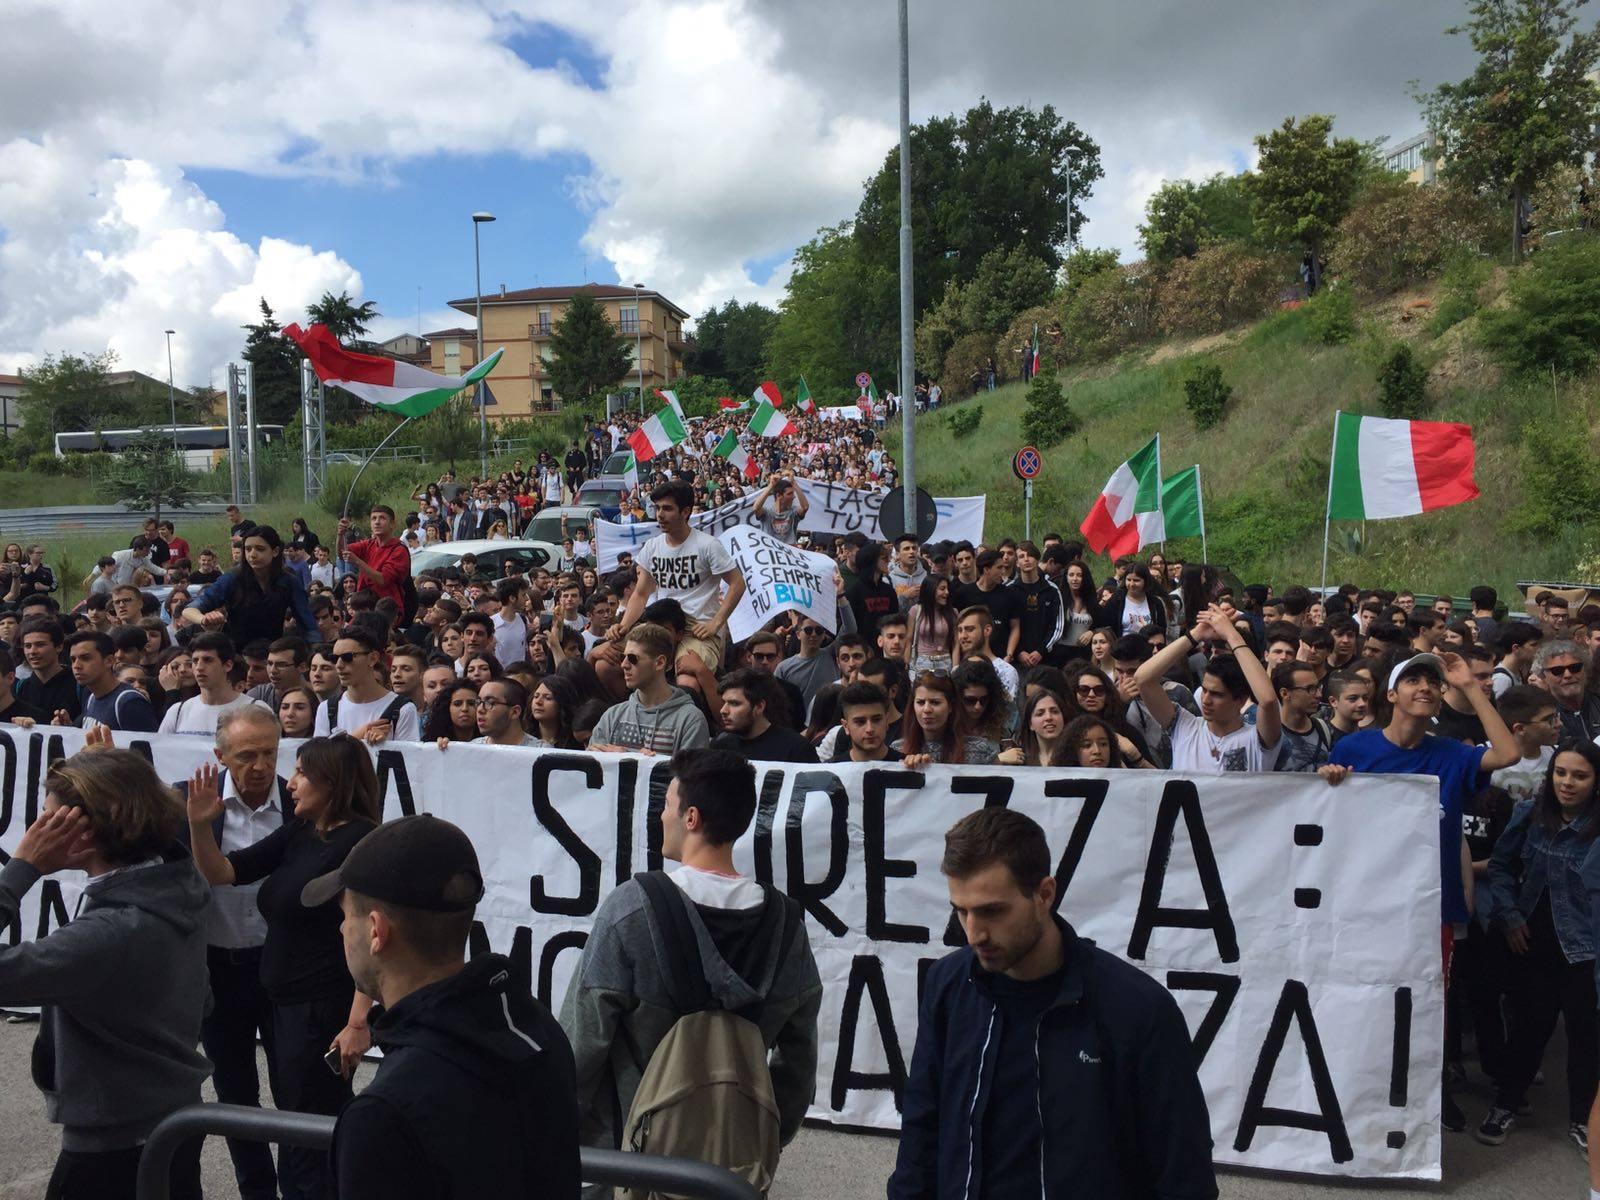 Una manifestazione di blocco studentesco lo scorso 18 maggio a Fermo, per denunciare lo stato dell'edilizia scolastica / via Facebook